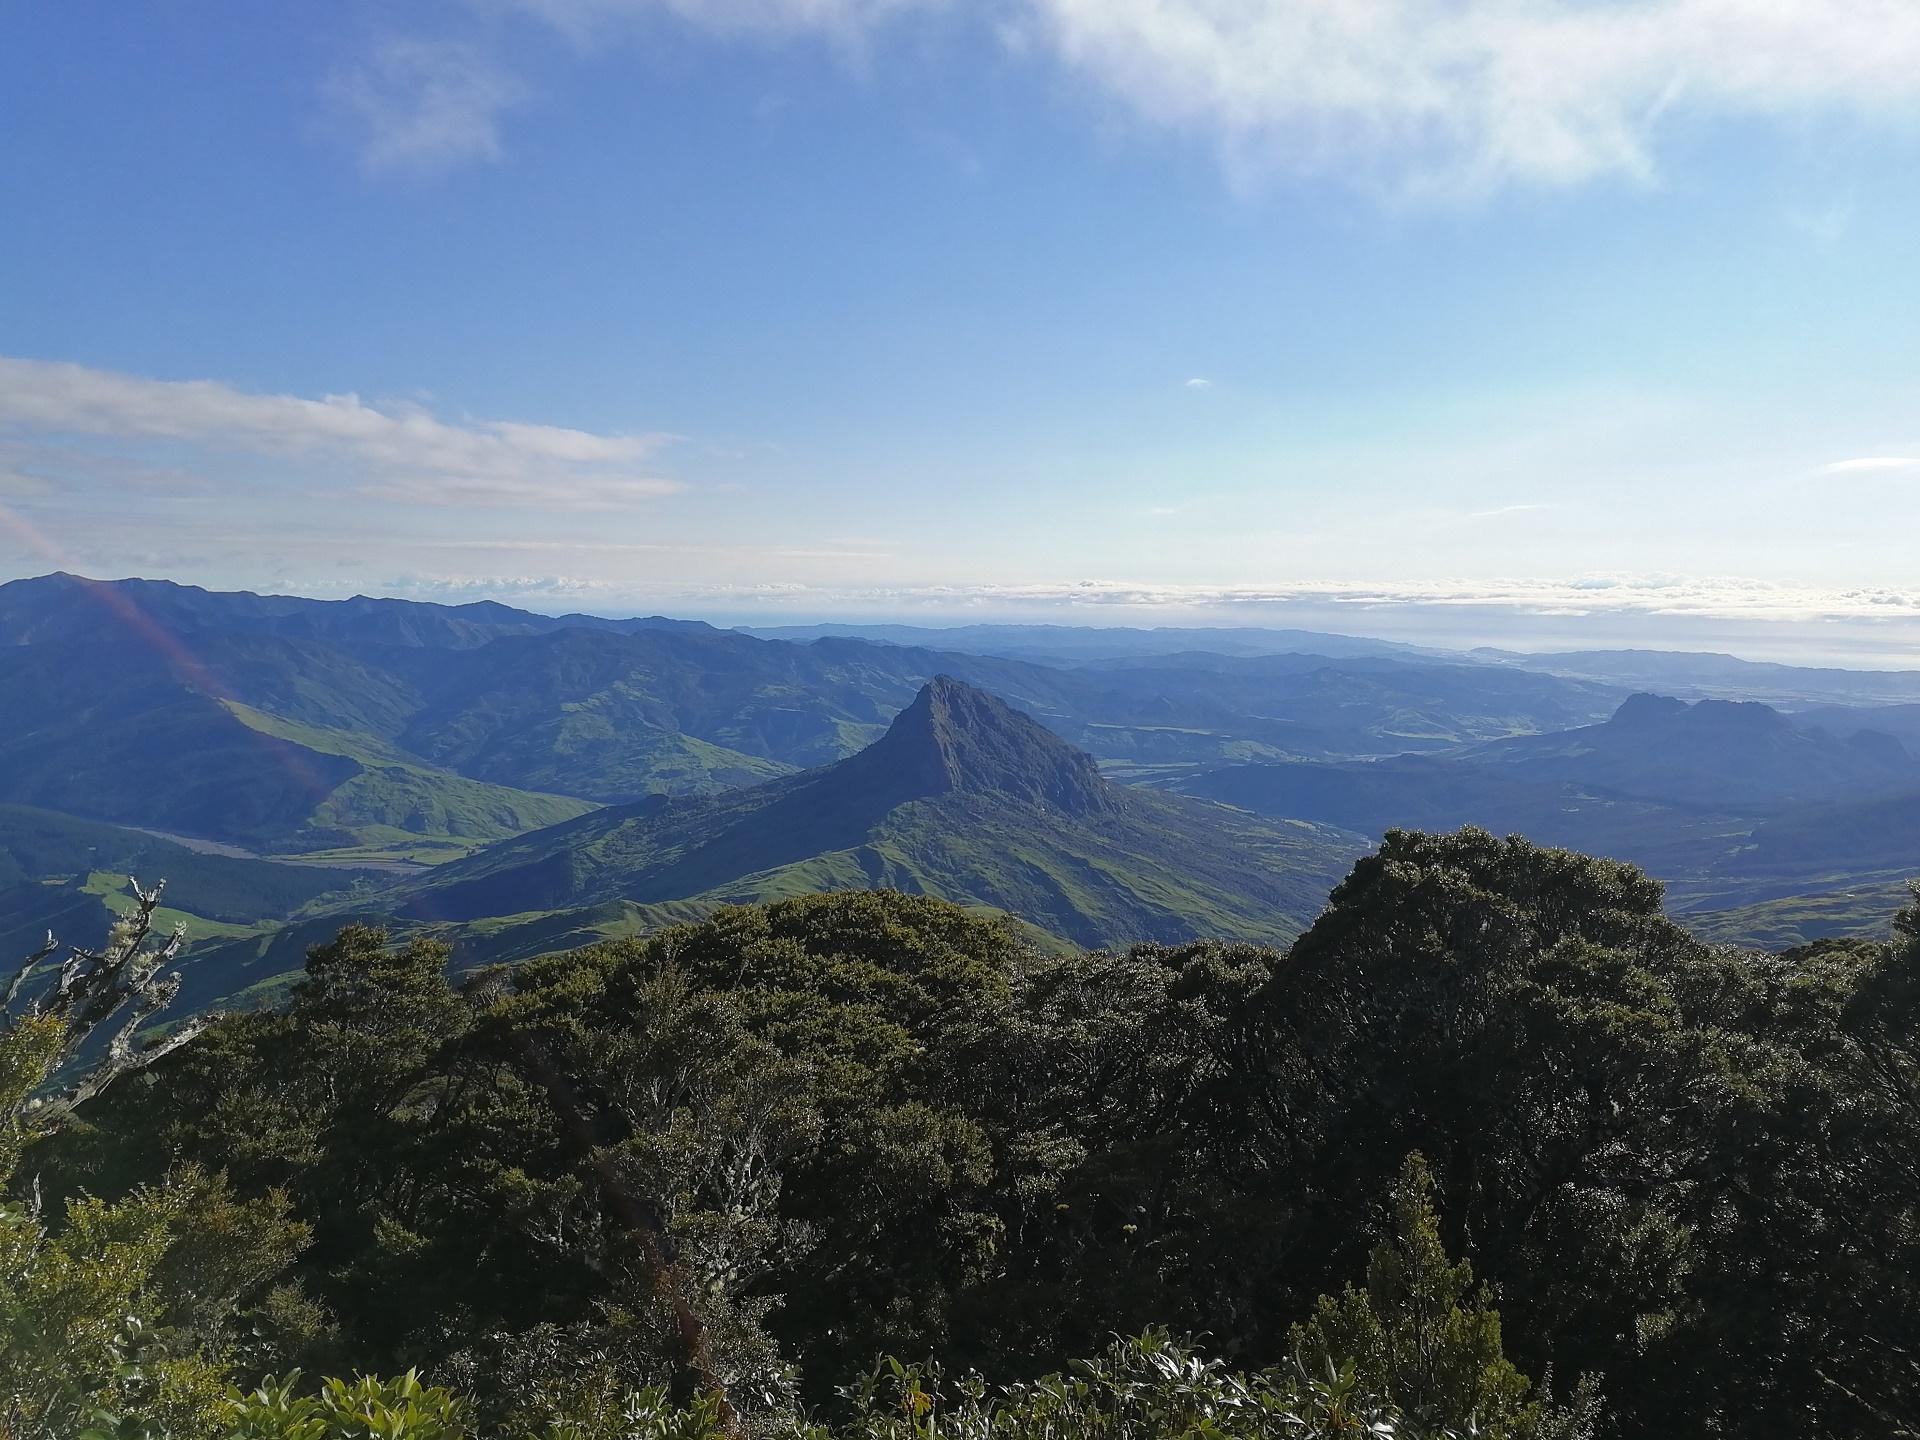 Otevřené novozélandské údolí při sestupu z hory Hikurangi